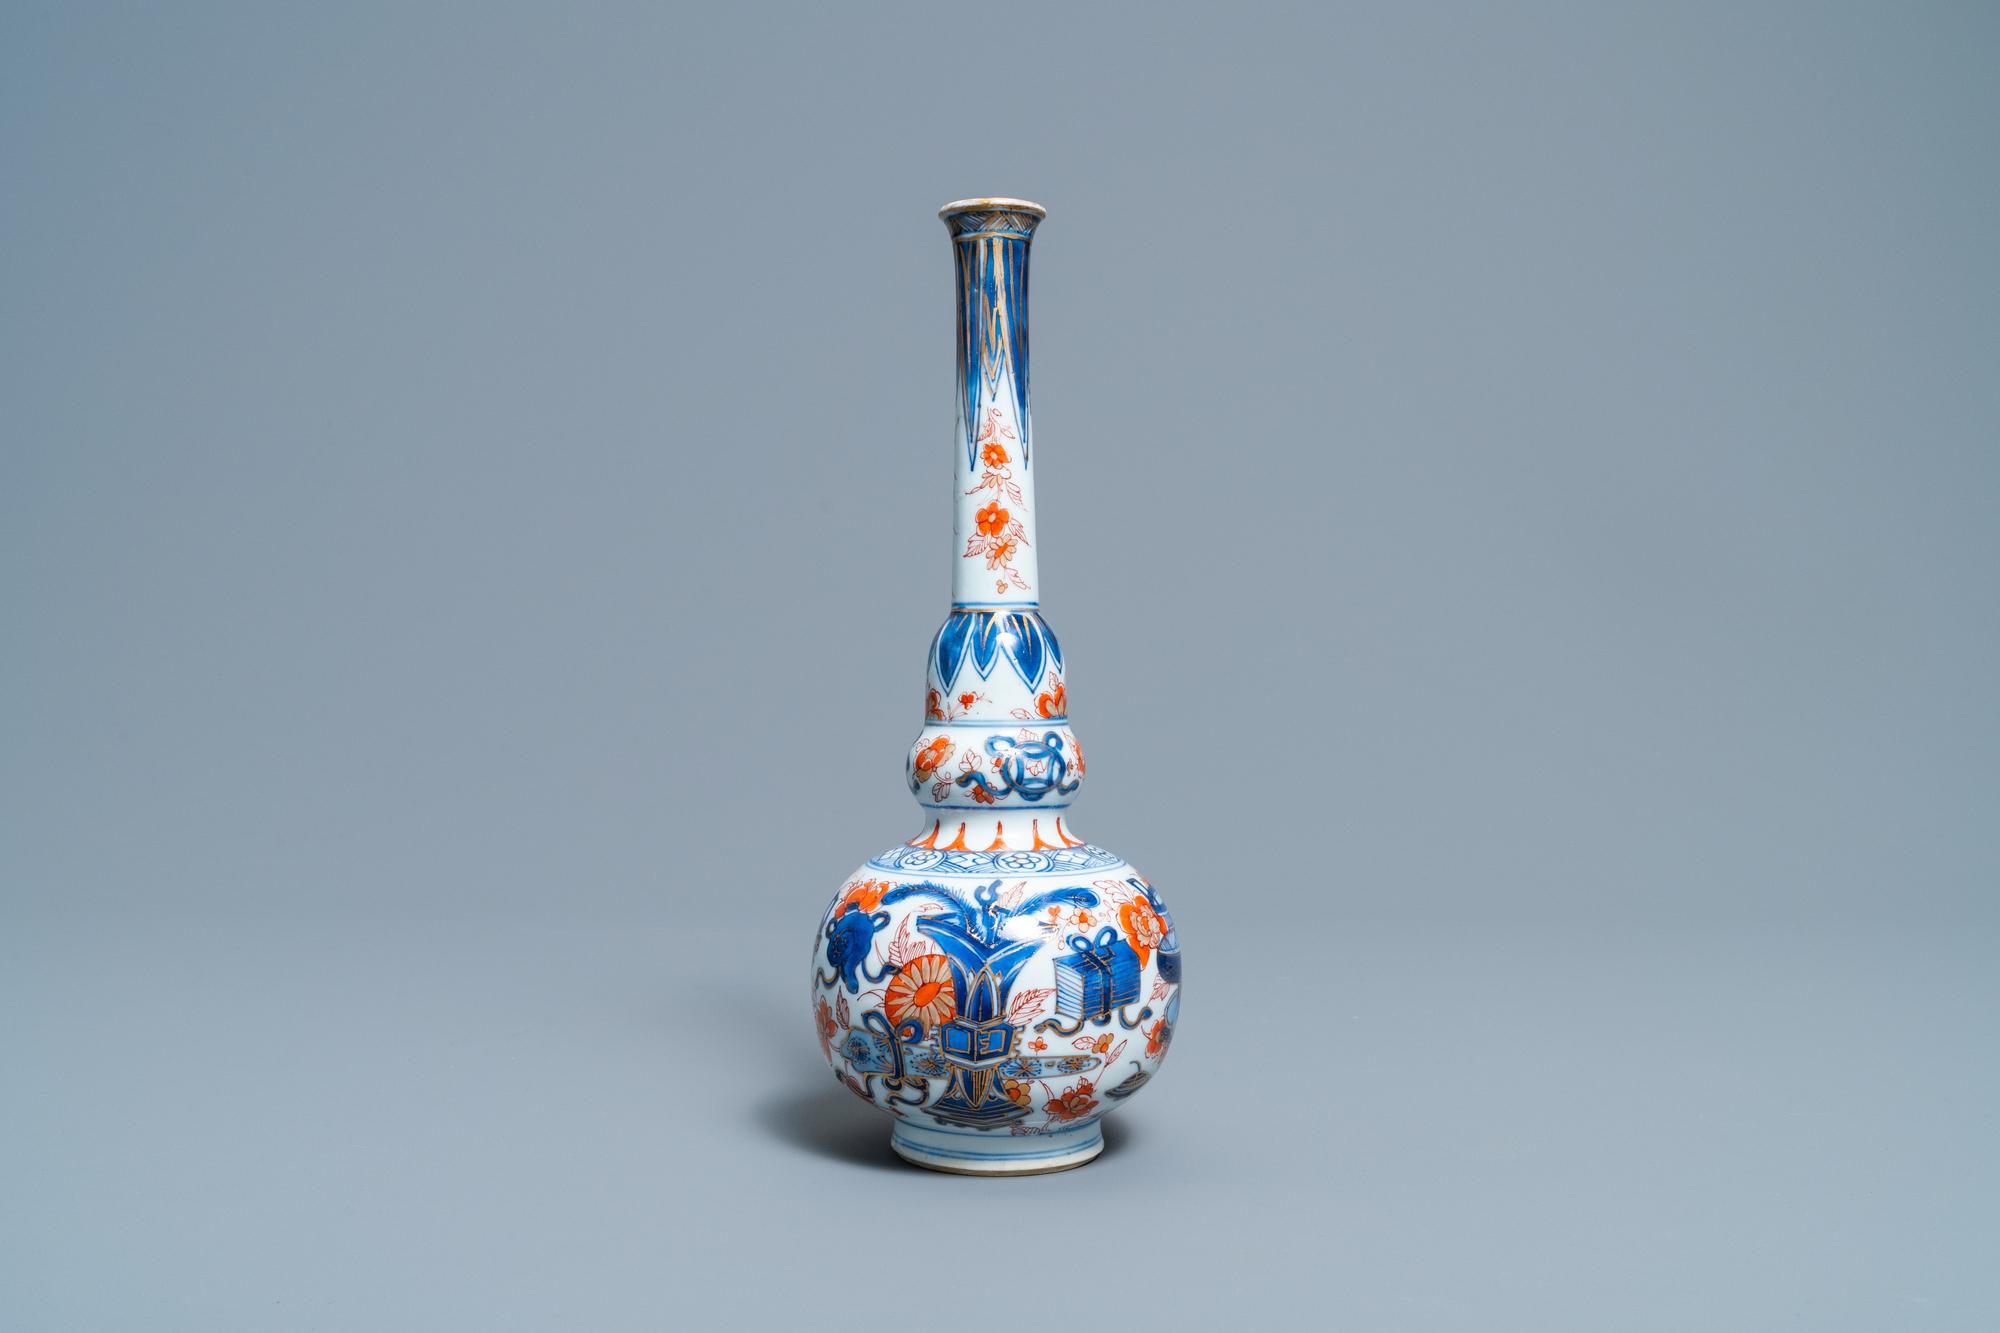 A Chinese Imari-style bottle vase, Kangxi